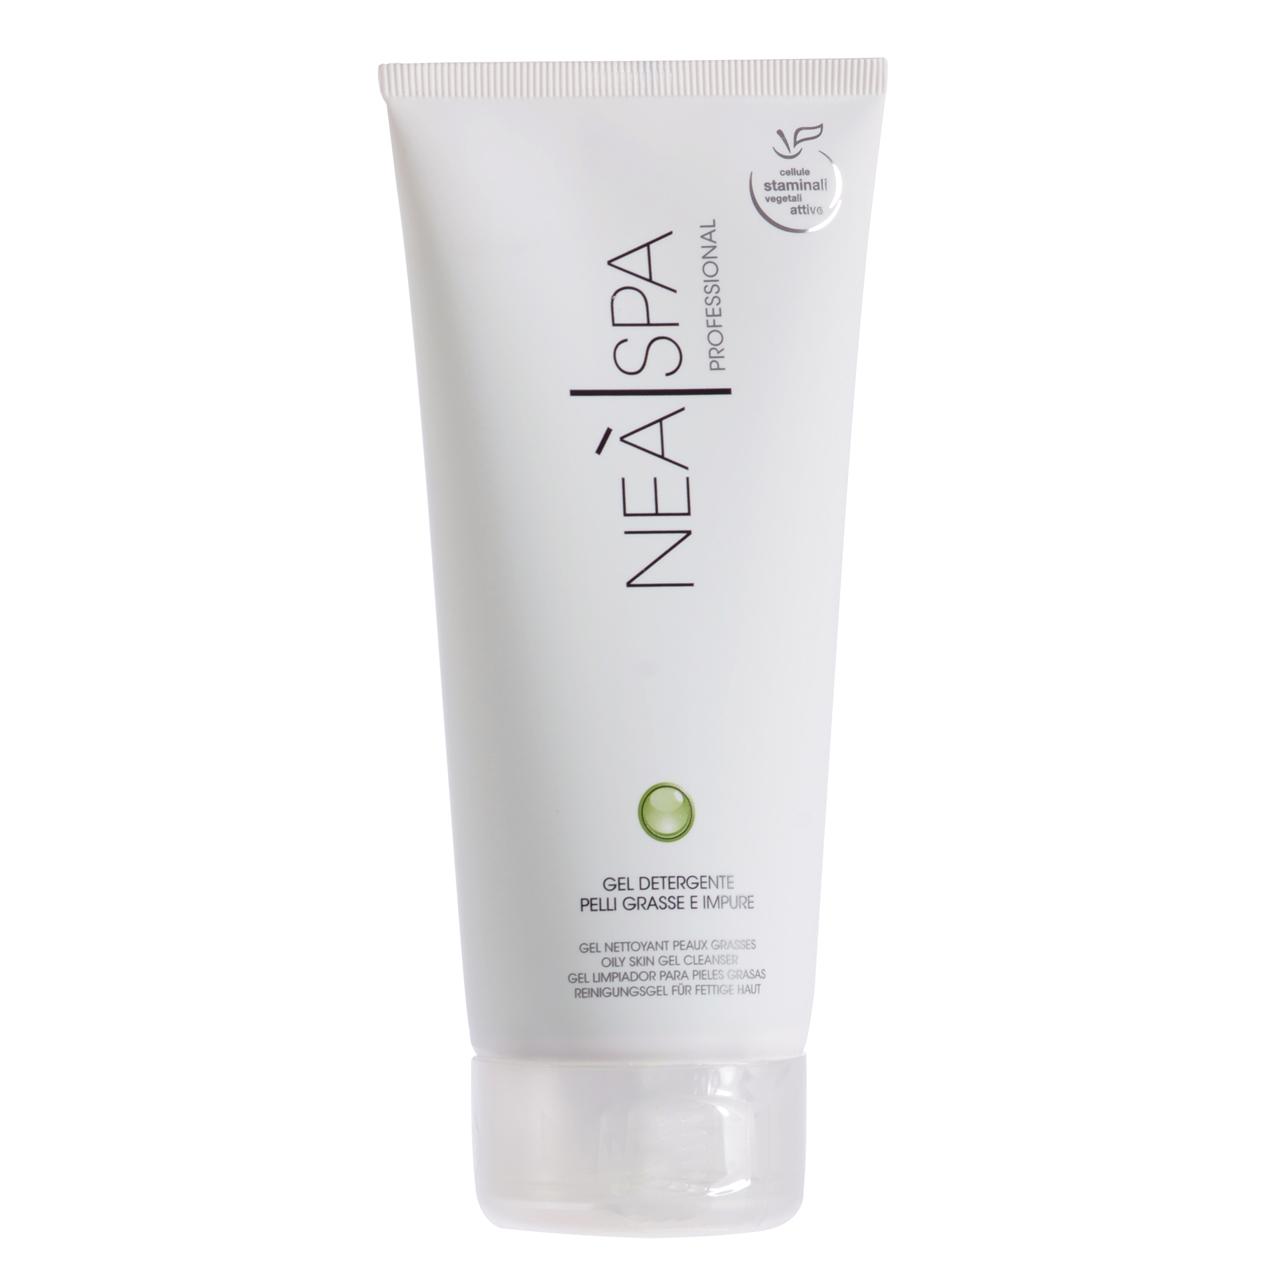 قیمت ژل تمیز کننده پوست نئا اسپا مدل Oily Skin Gel Cleanser حجم 200 میلی لیتر